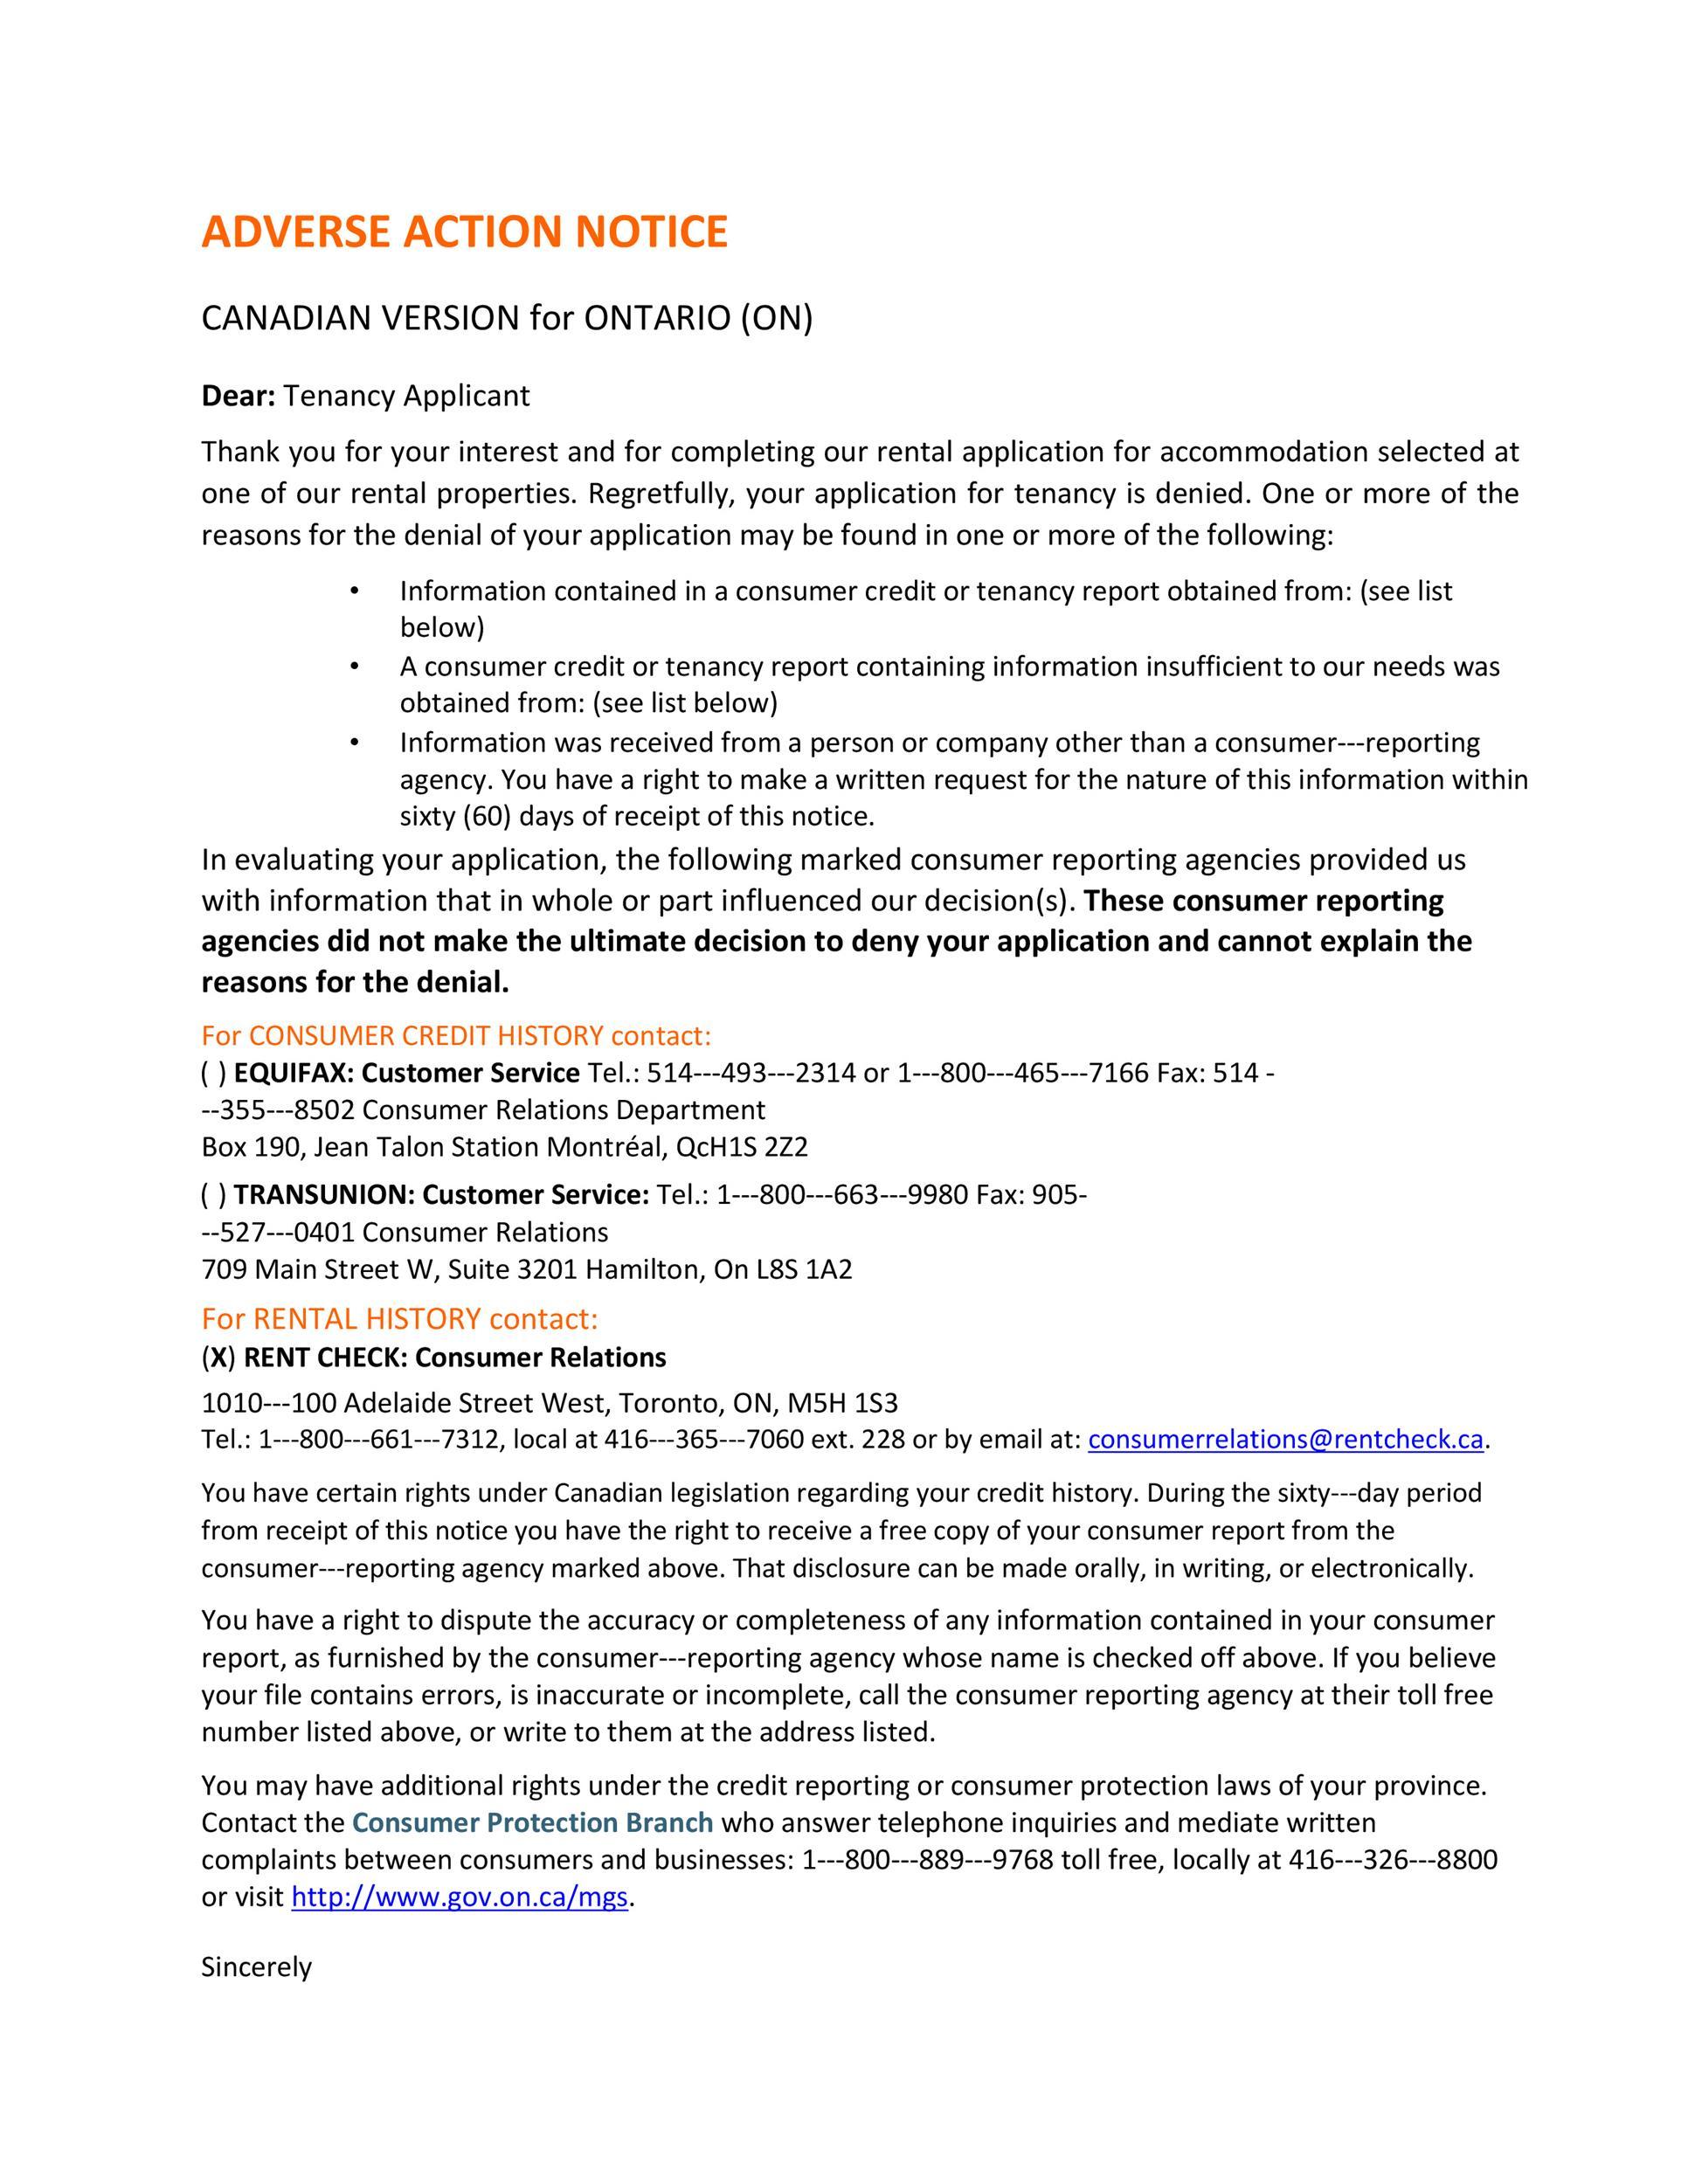 Free adverse action notice 49